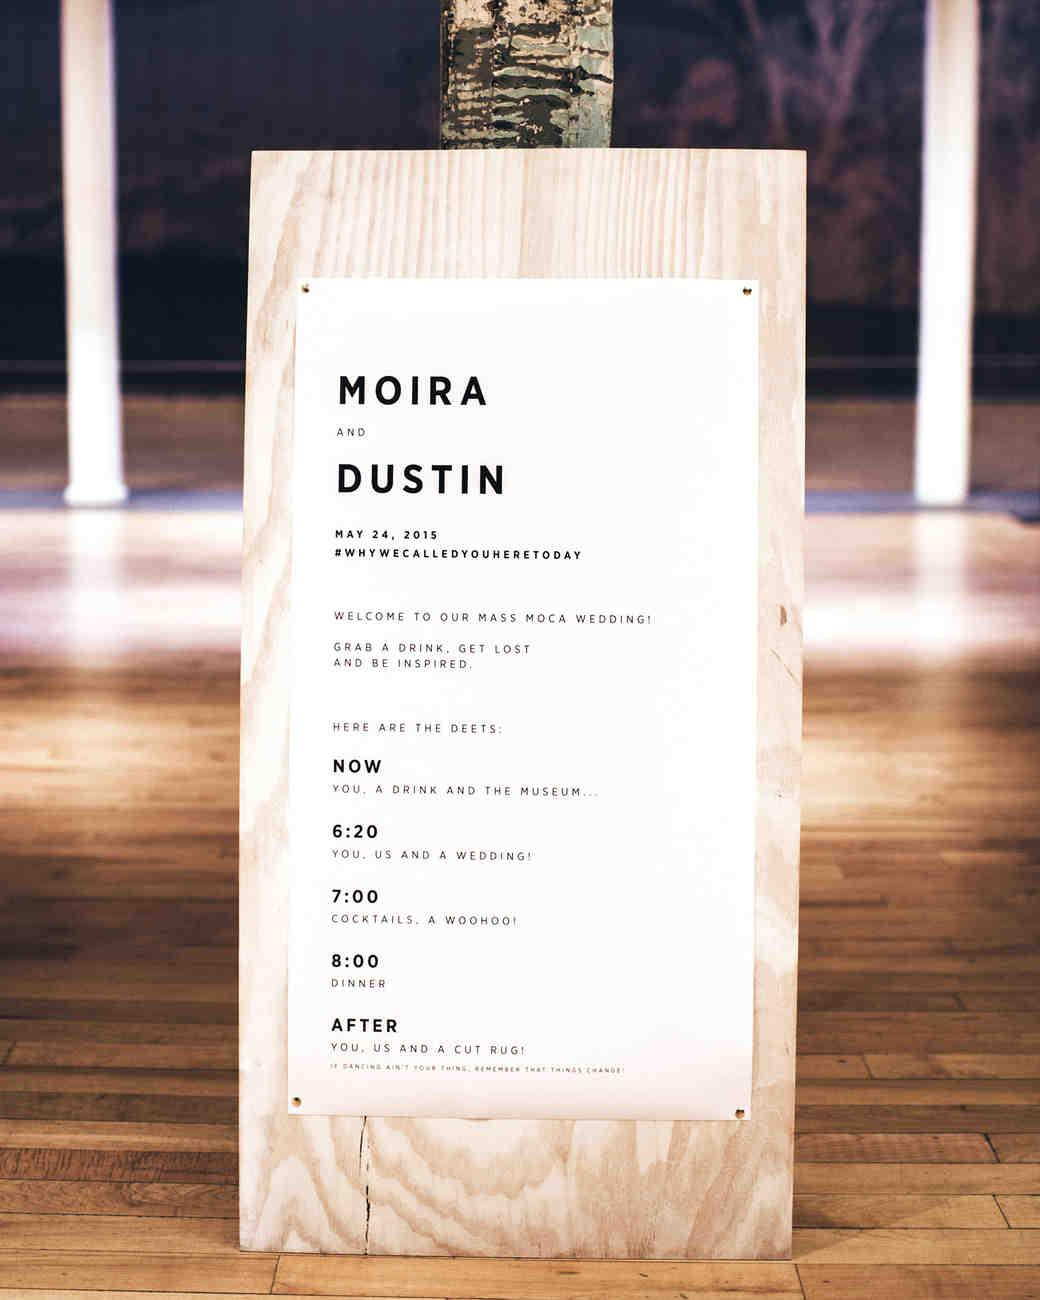 moira-dustin-wedding-timeline-massachusetts-180-s112717.jpg